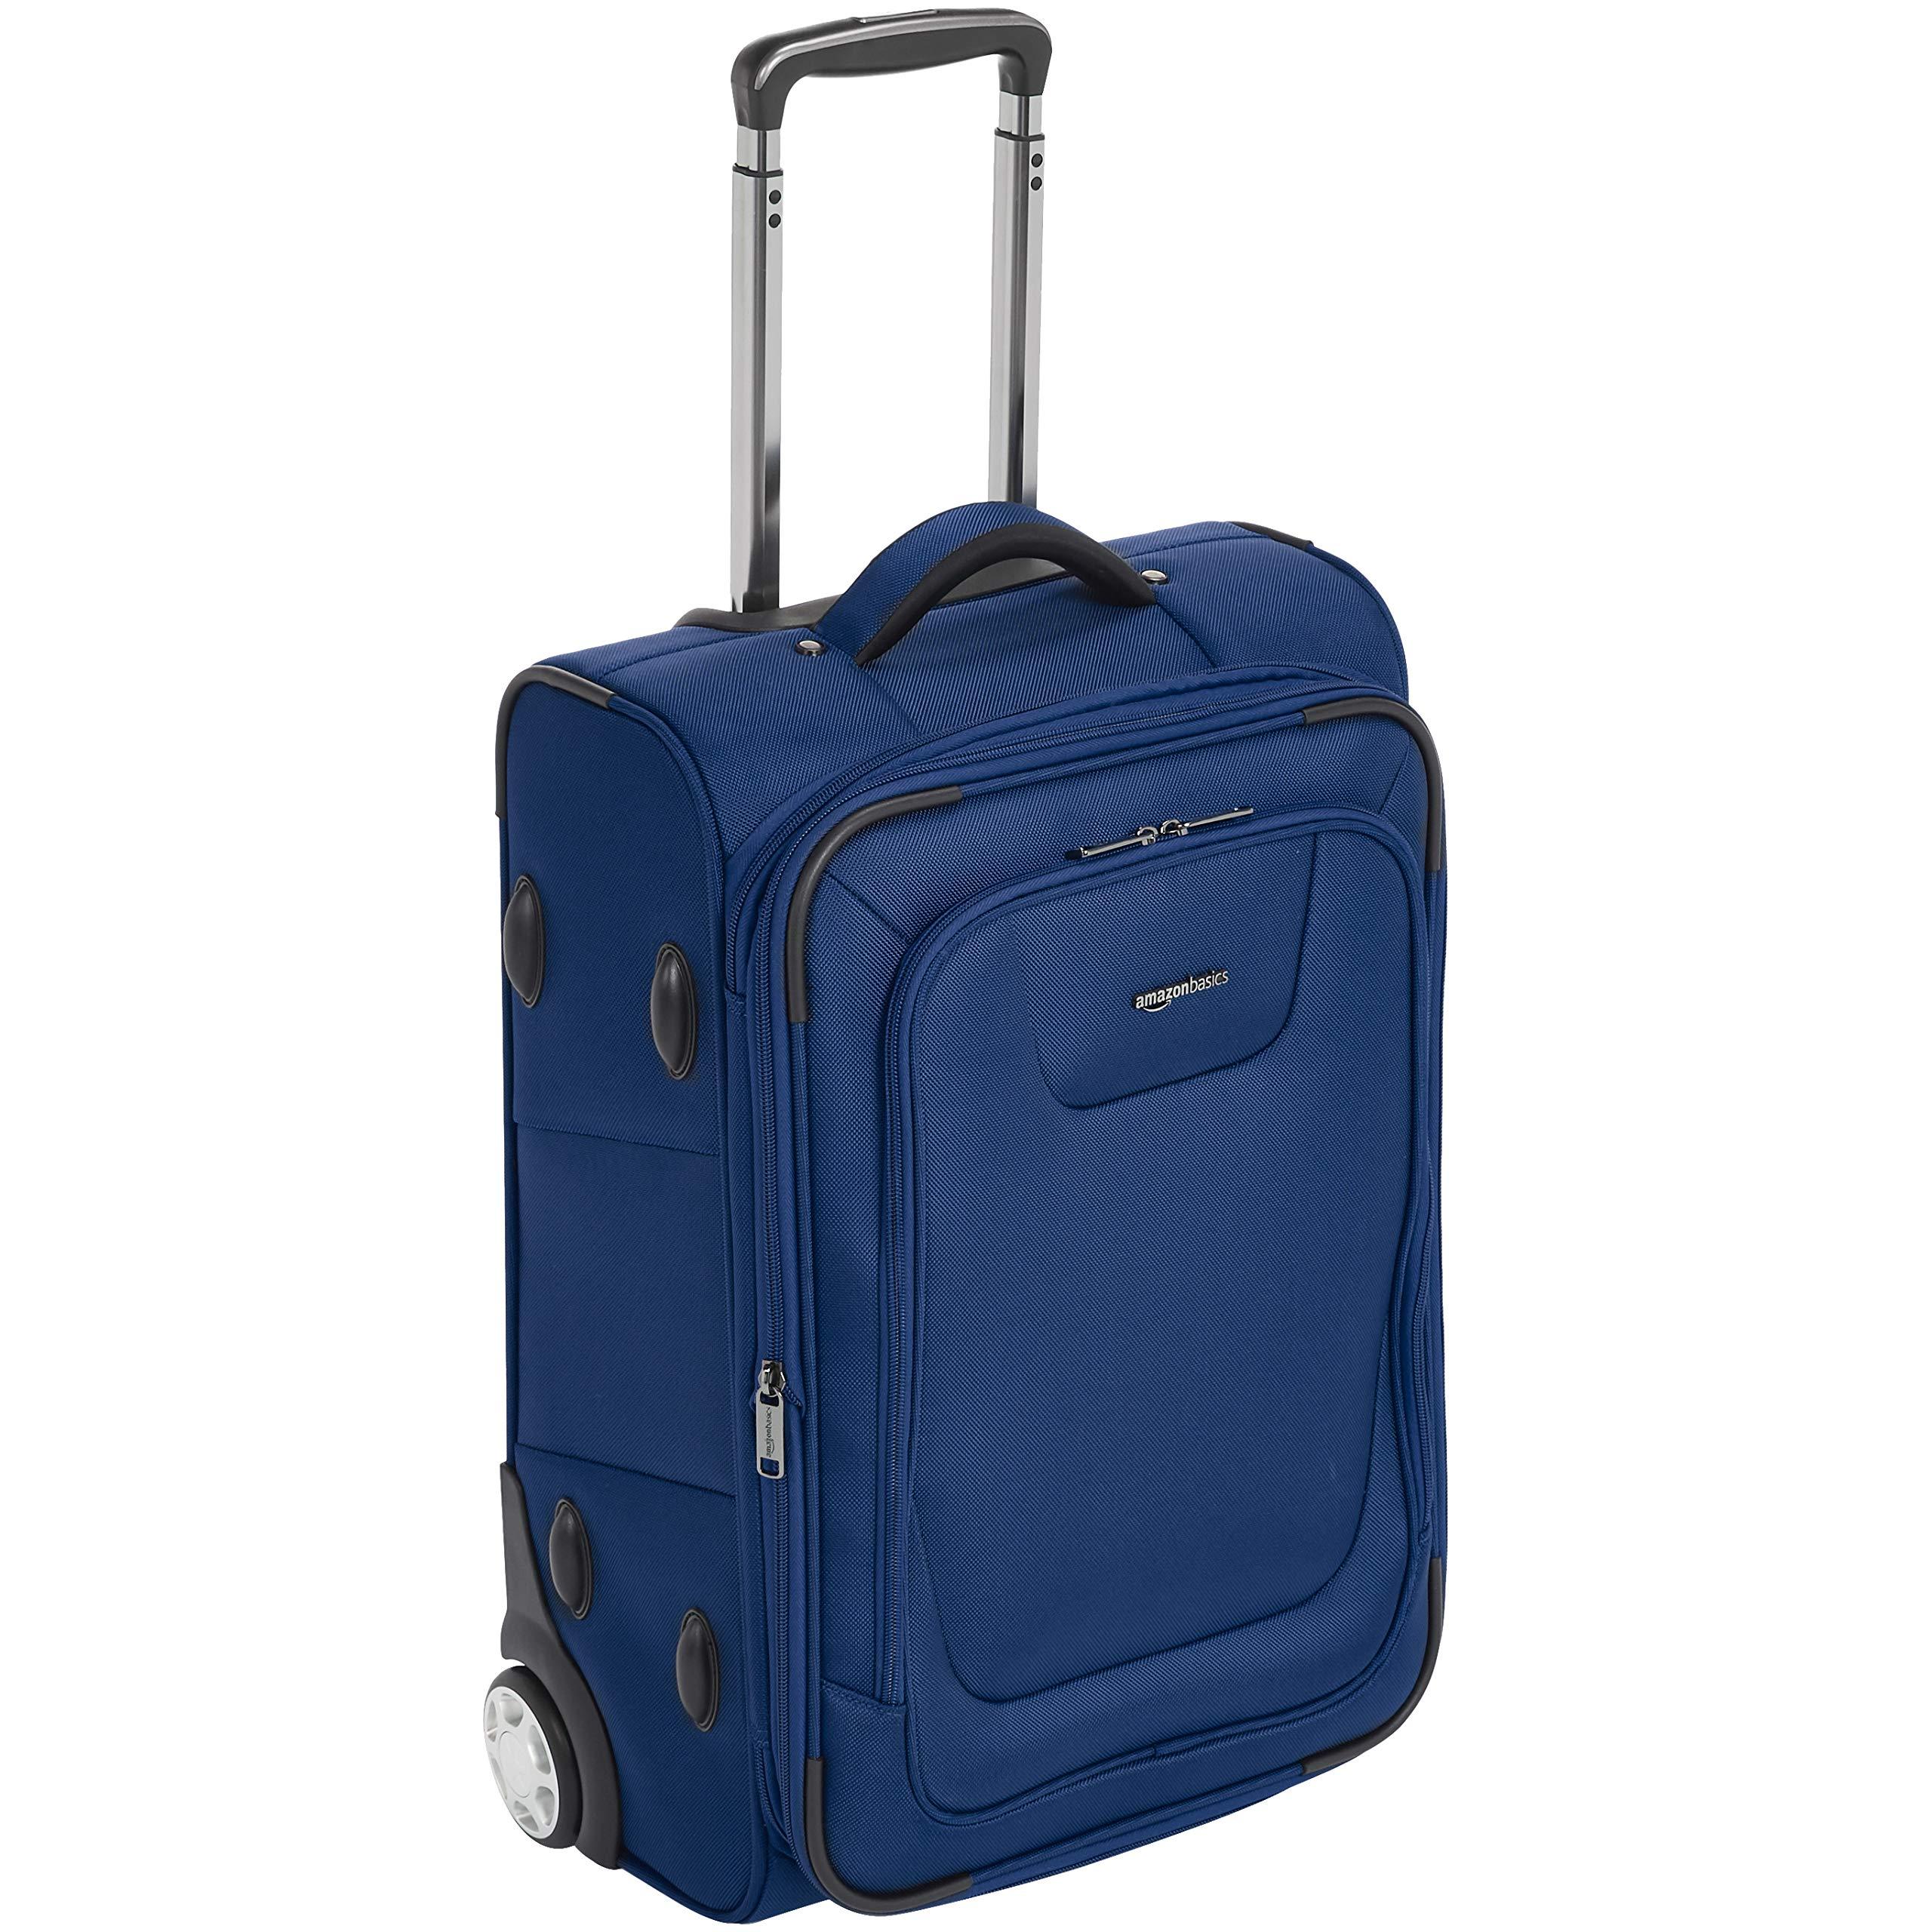 AmazonBasics Premium Upright Expandable Softside Suitcase with TSA Lock - 22 Inch, Blue